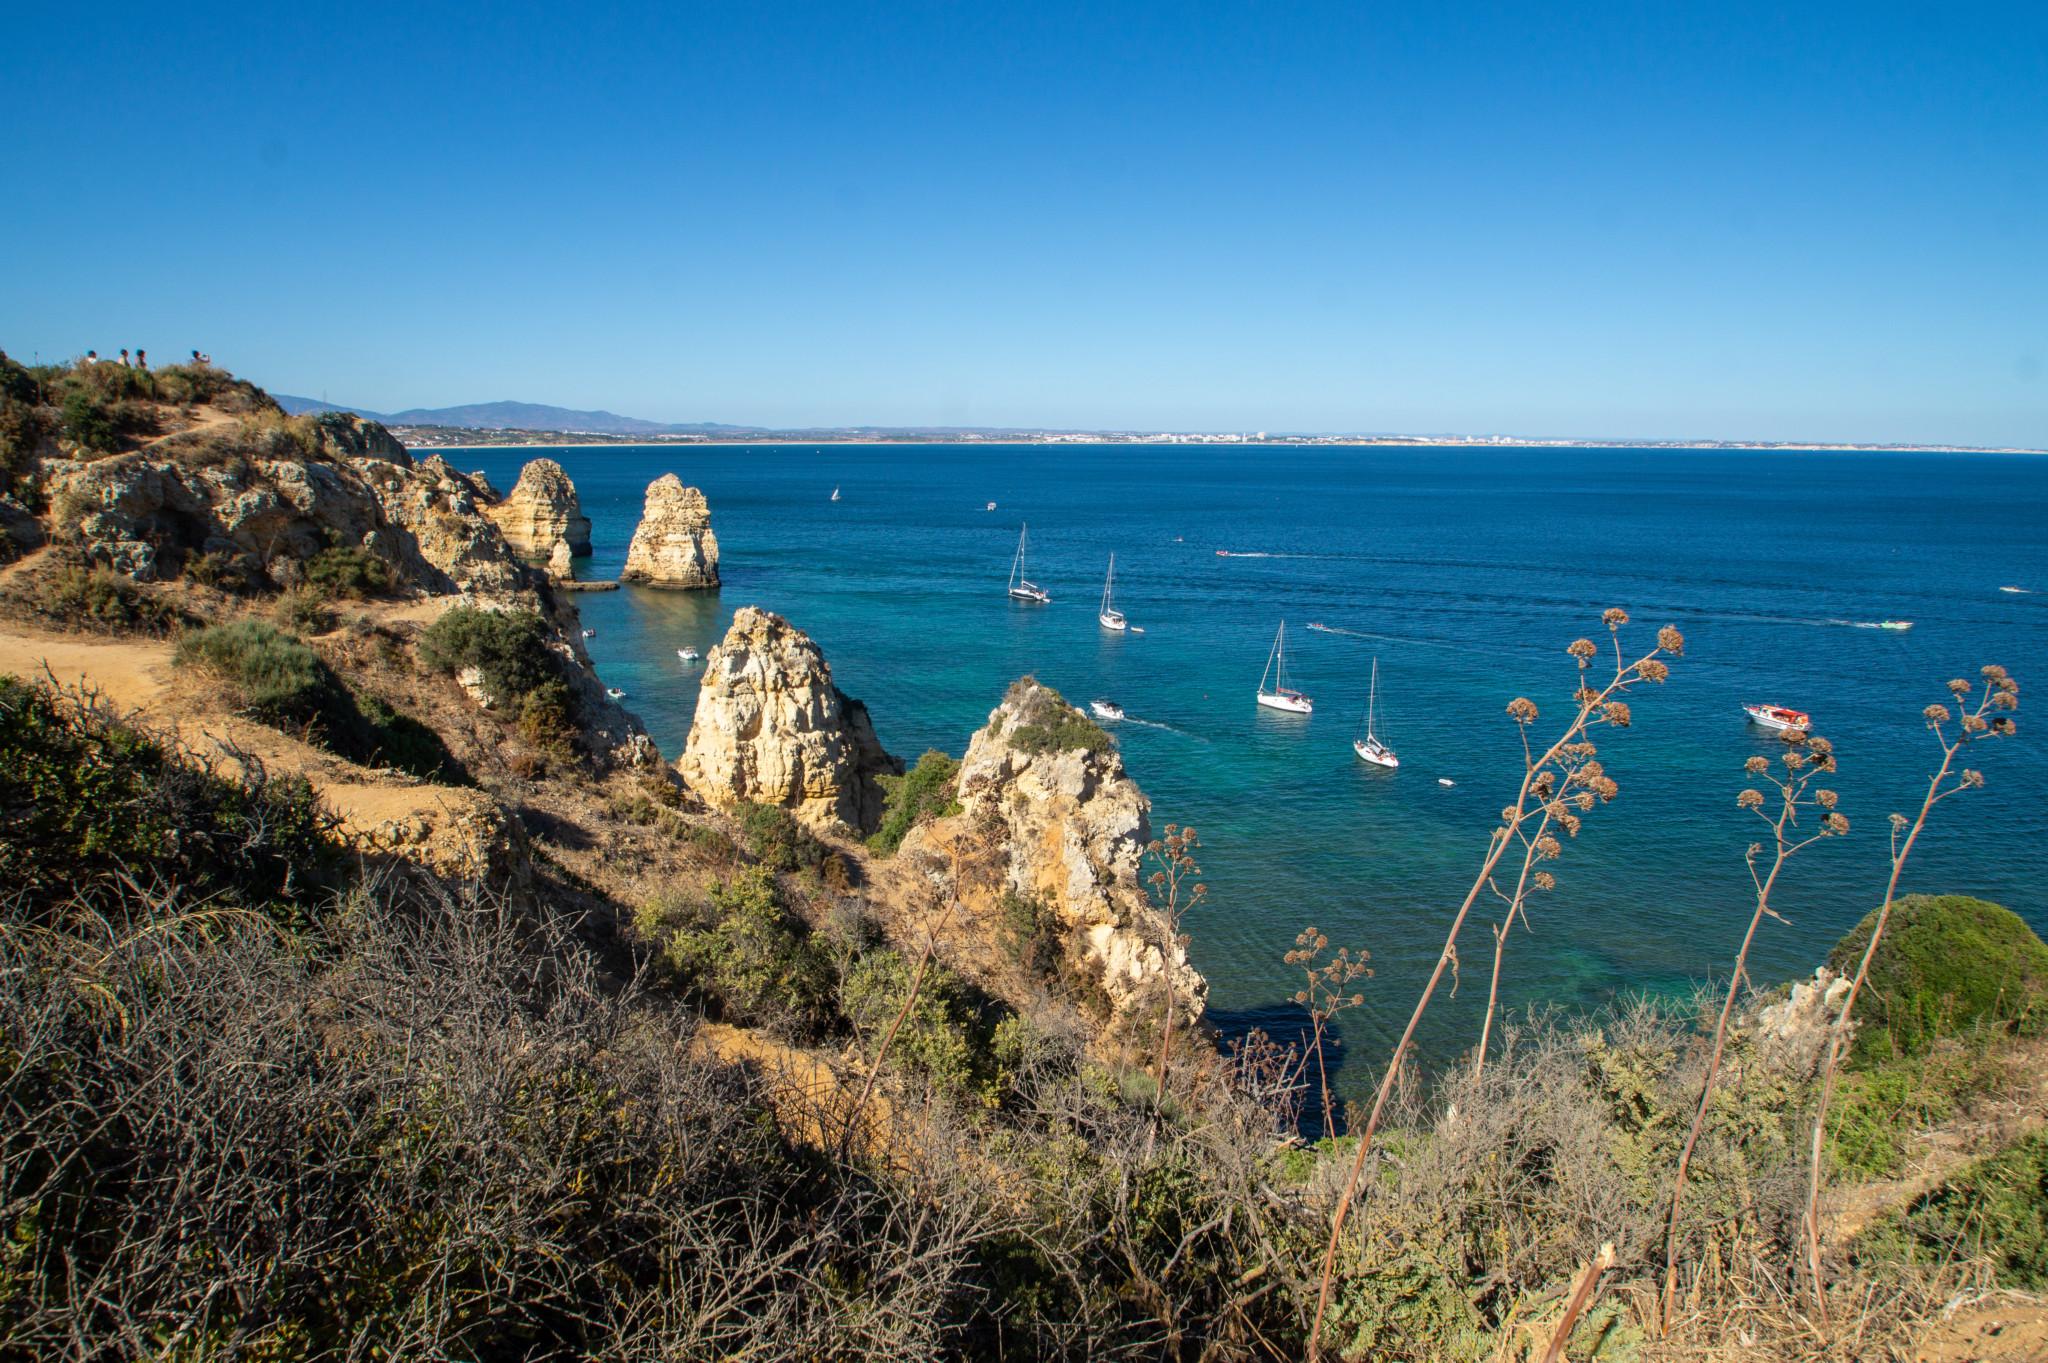 Typischer Blick auf die Algarve in Portugal